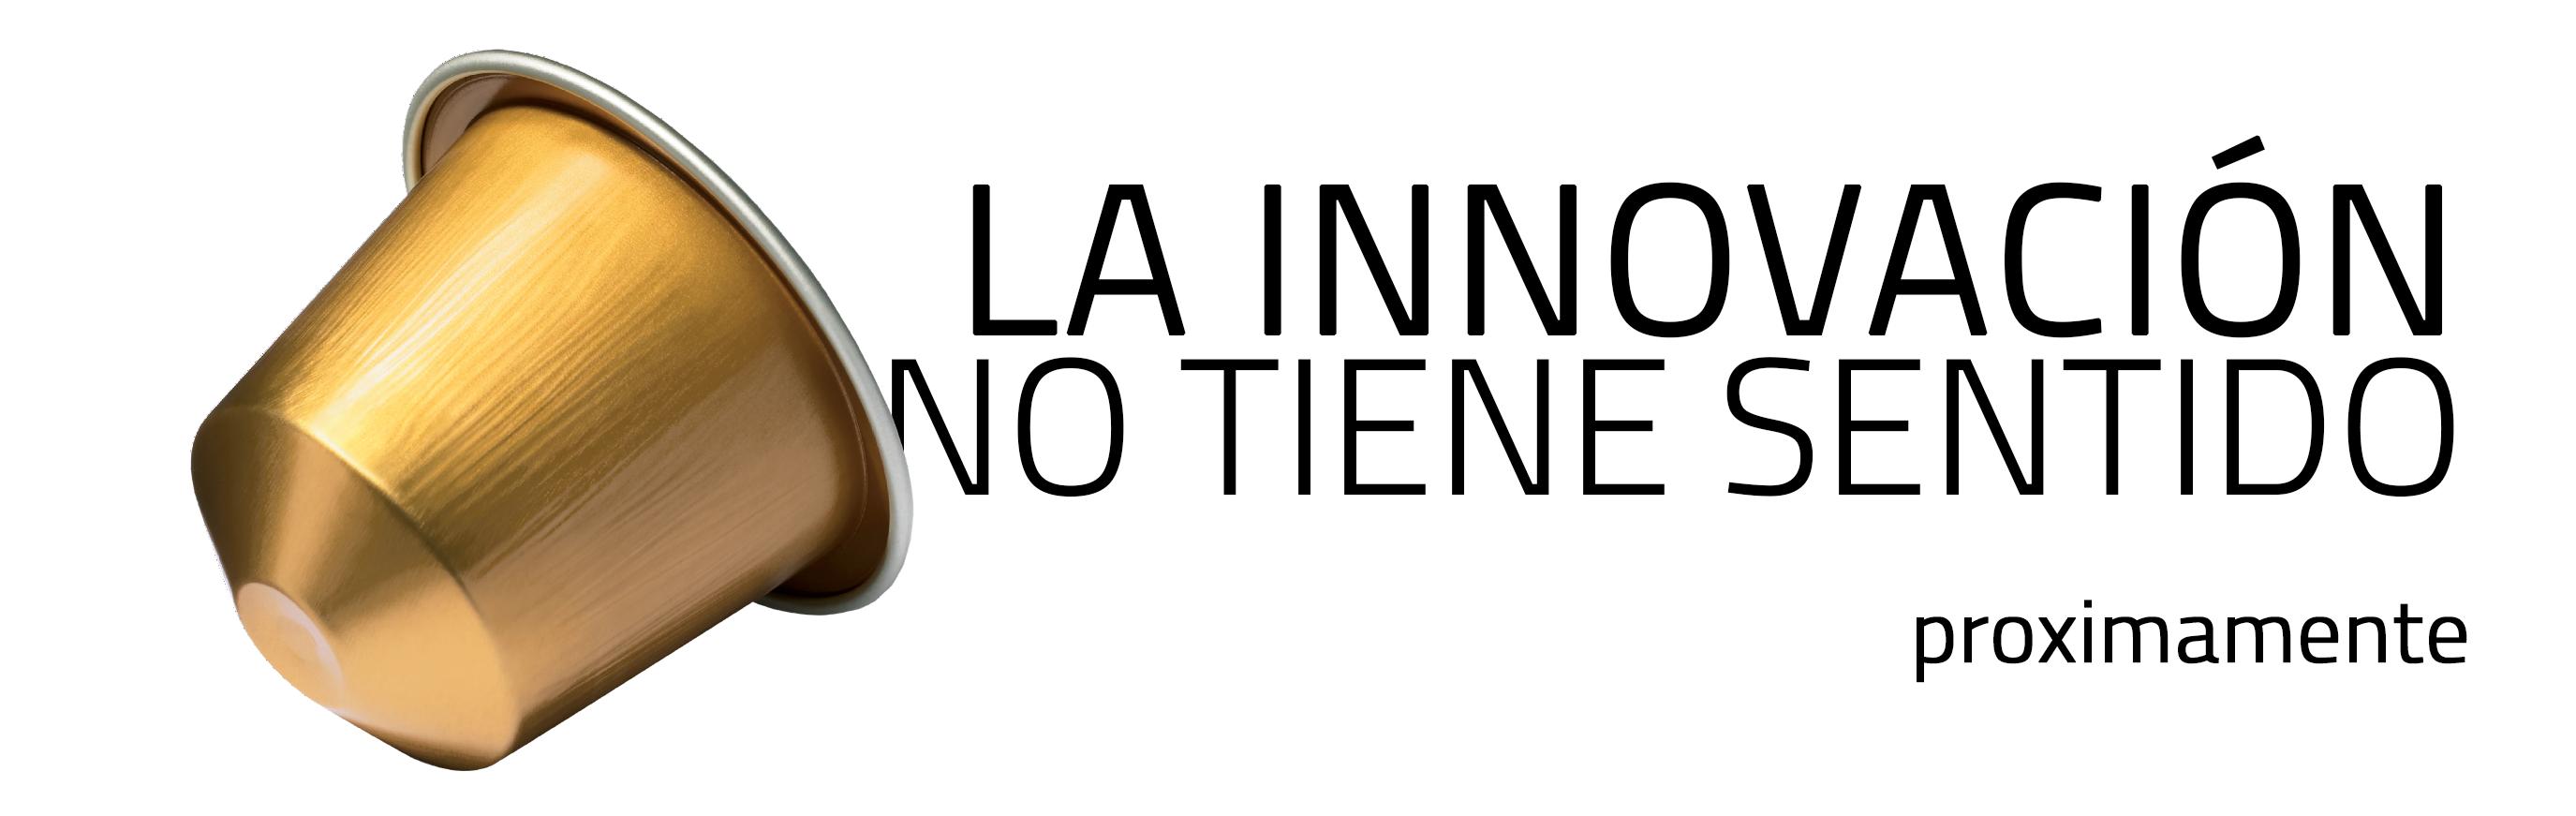 La innovación no tiene sentido por Martín Parselis